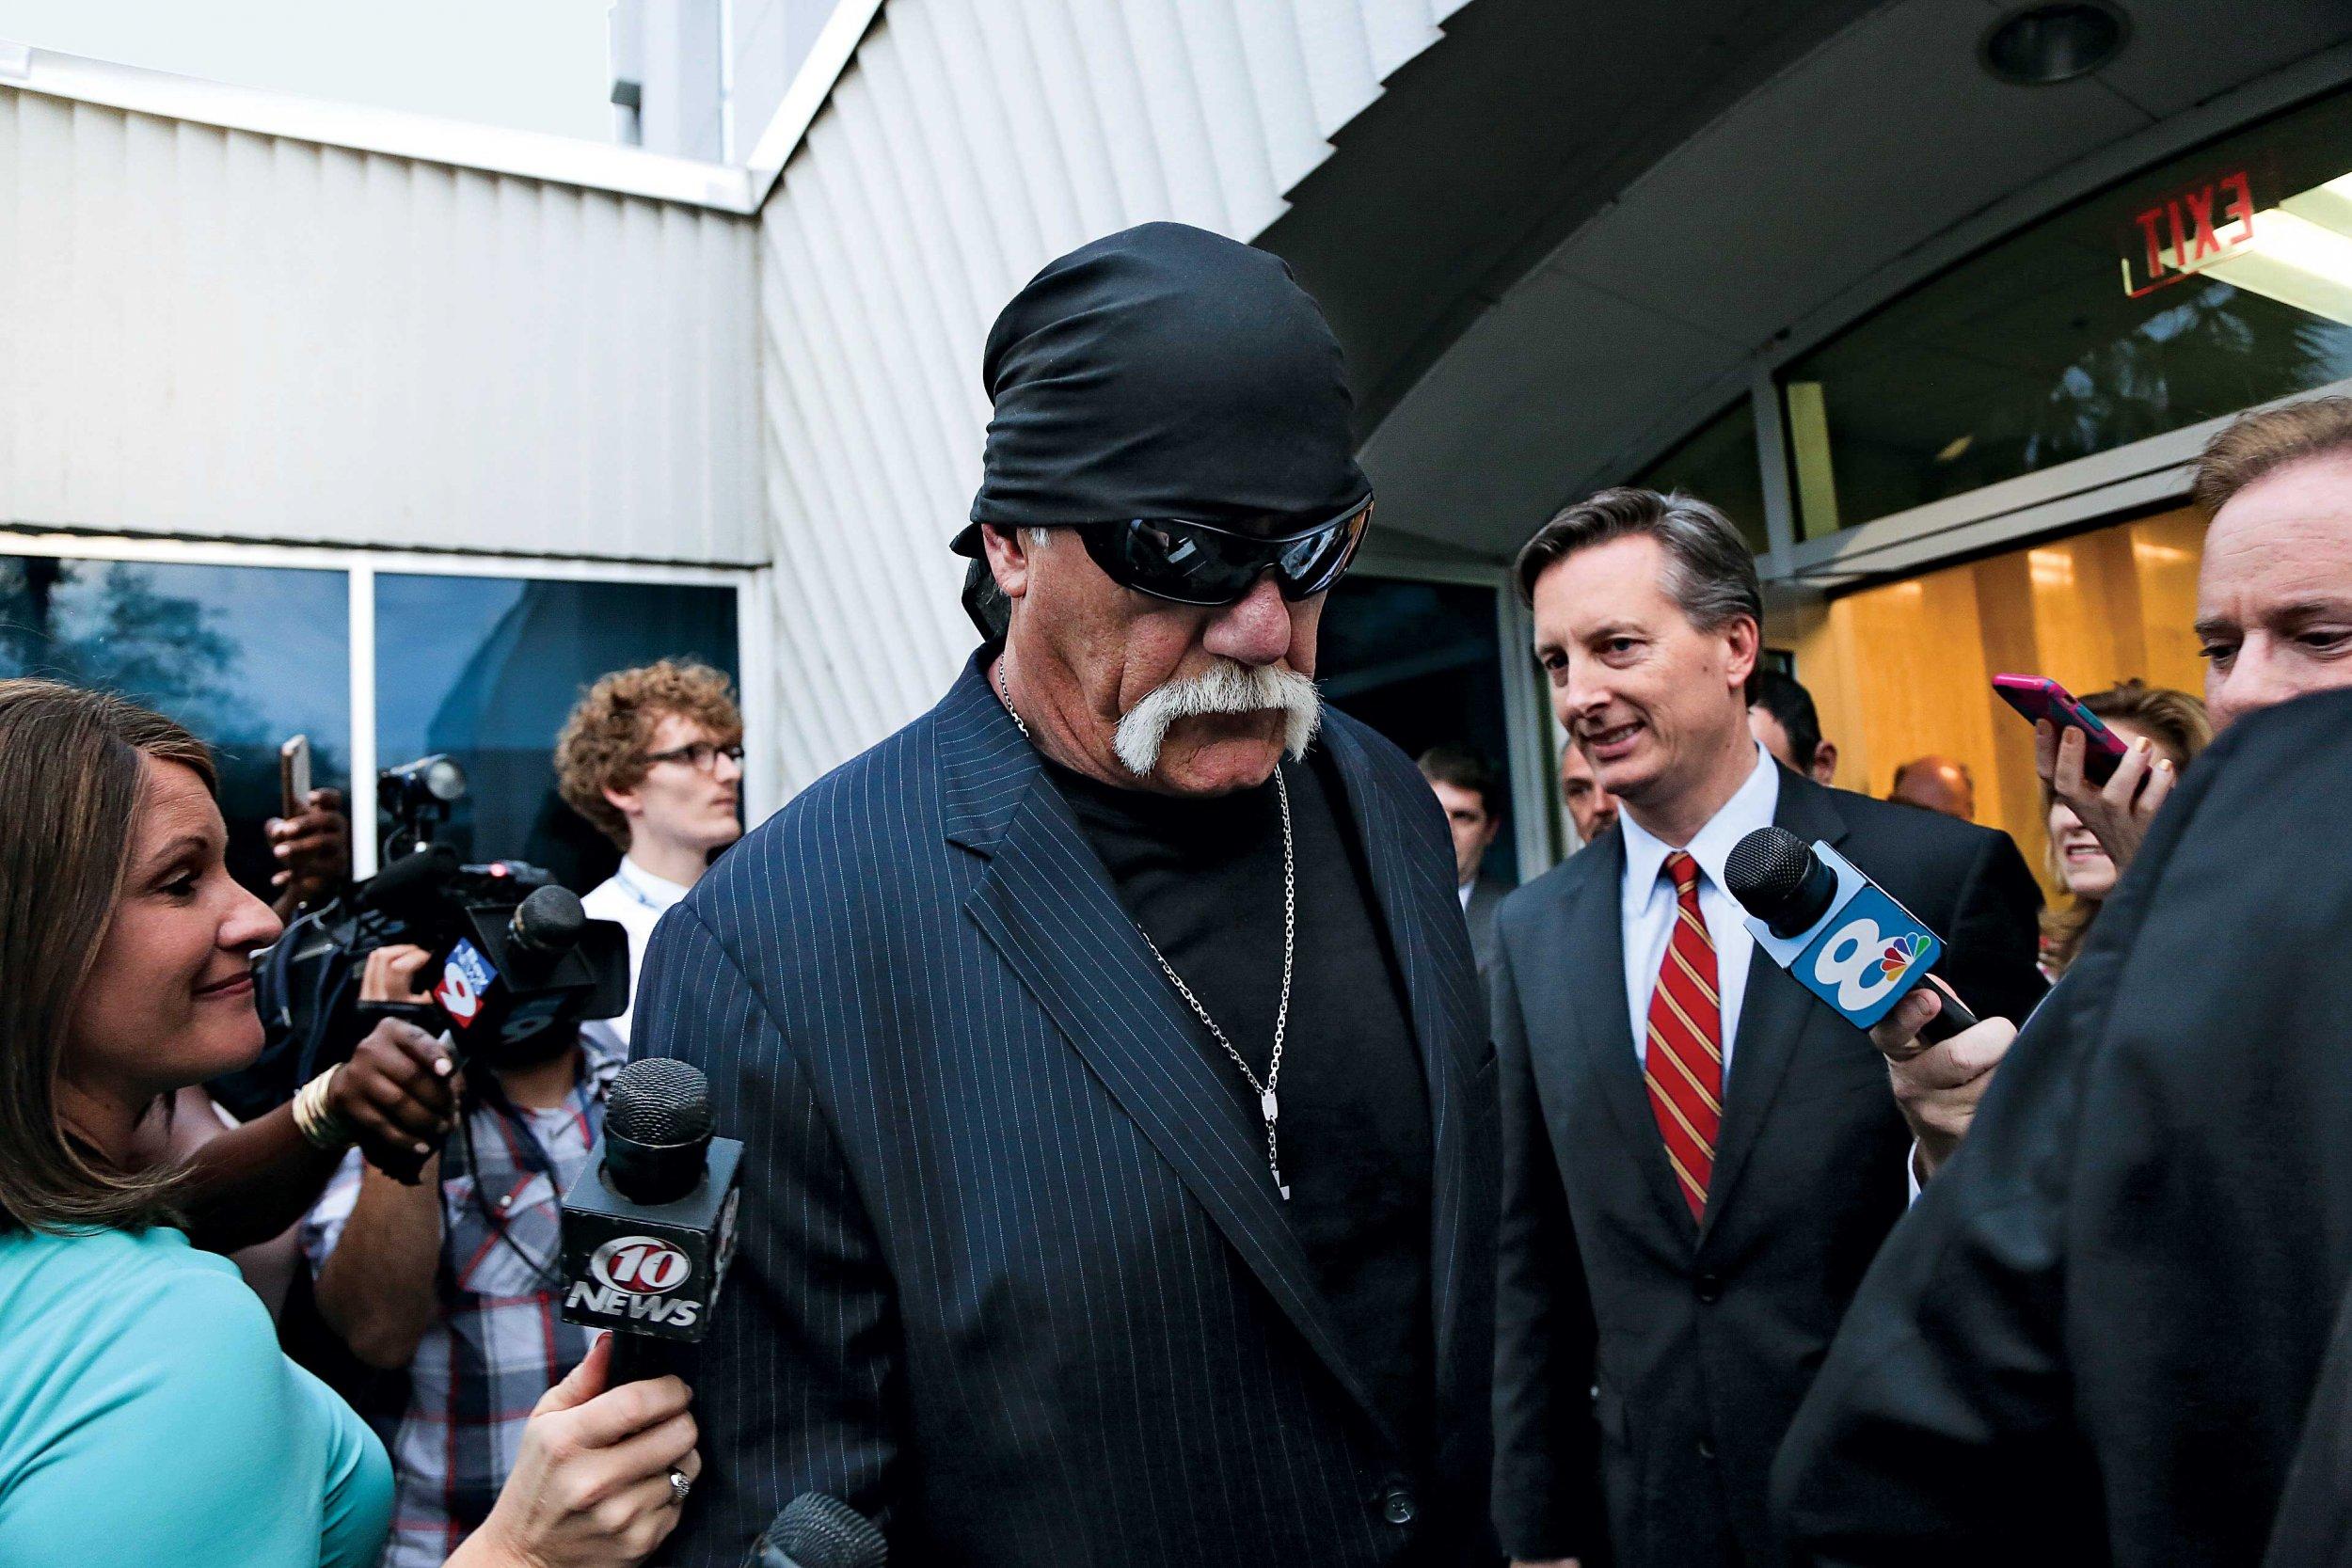 06-23-Screening-Room_Hulk-Hogan